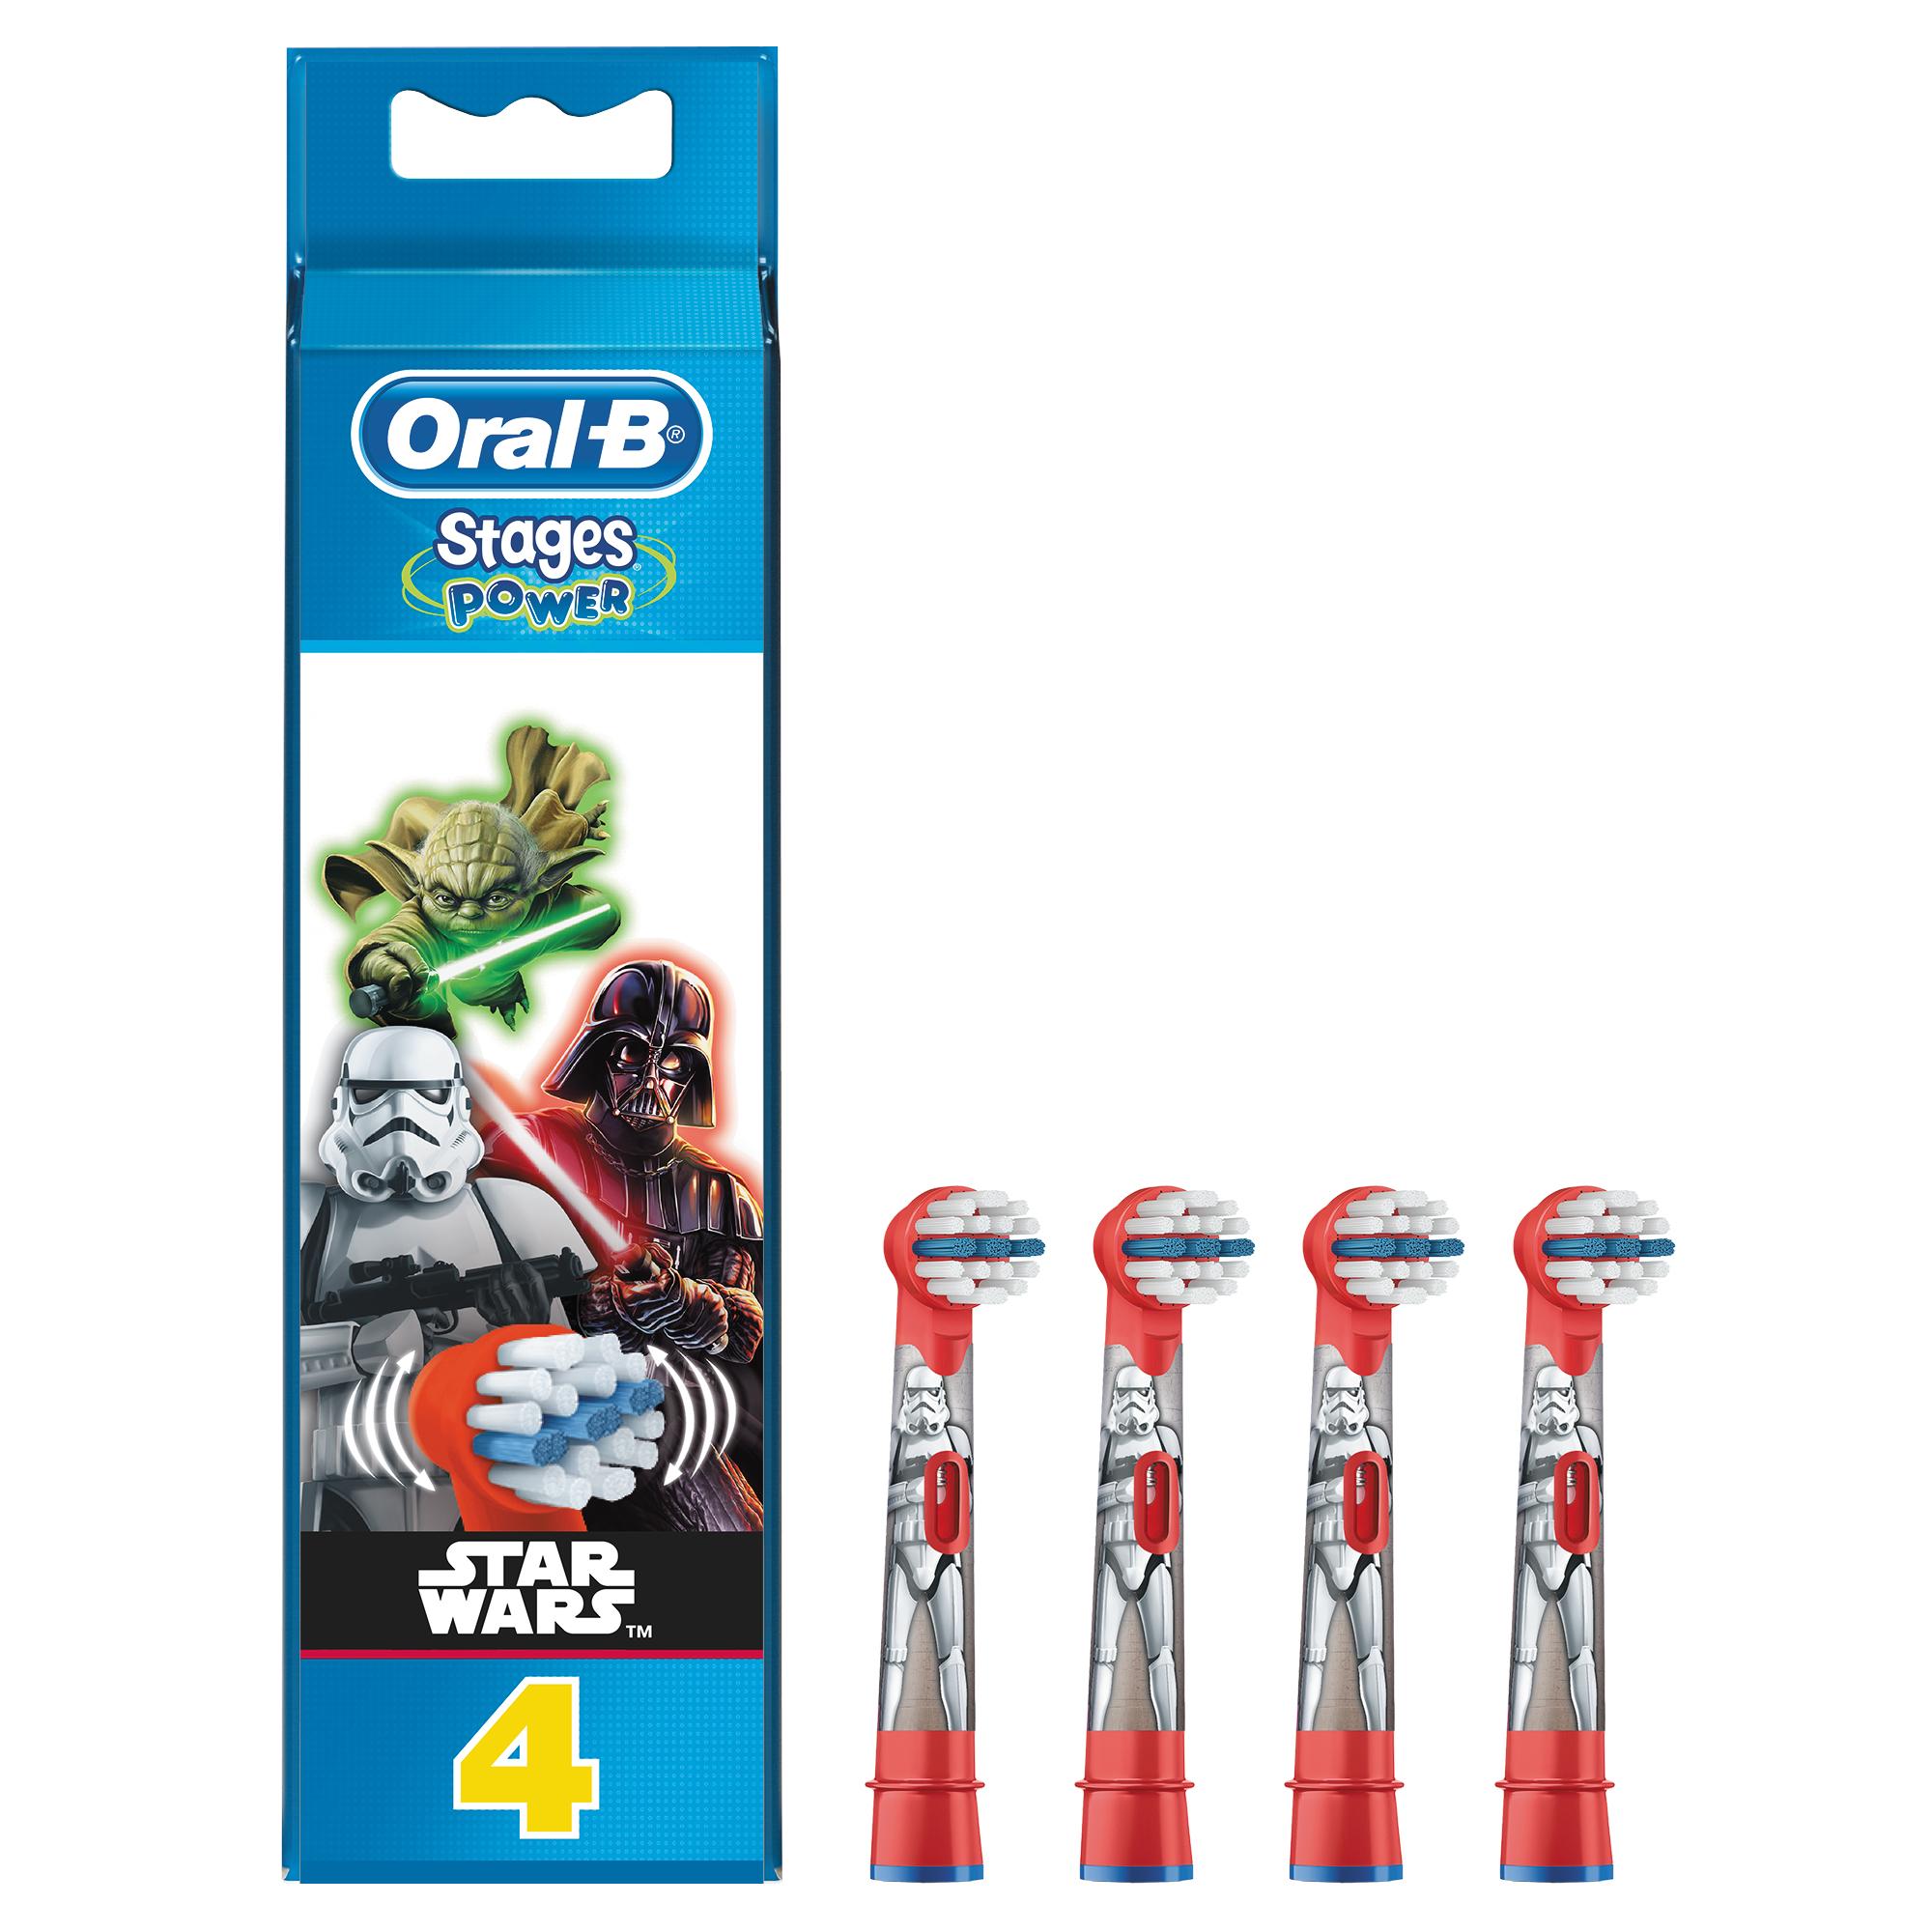 Oral-B Stages Power Star Wars børstehoved, 4 stk